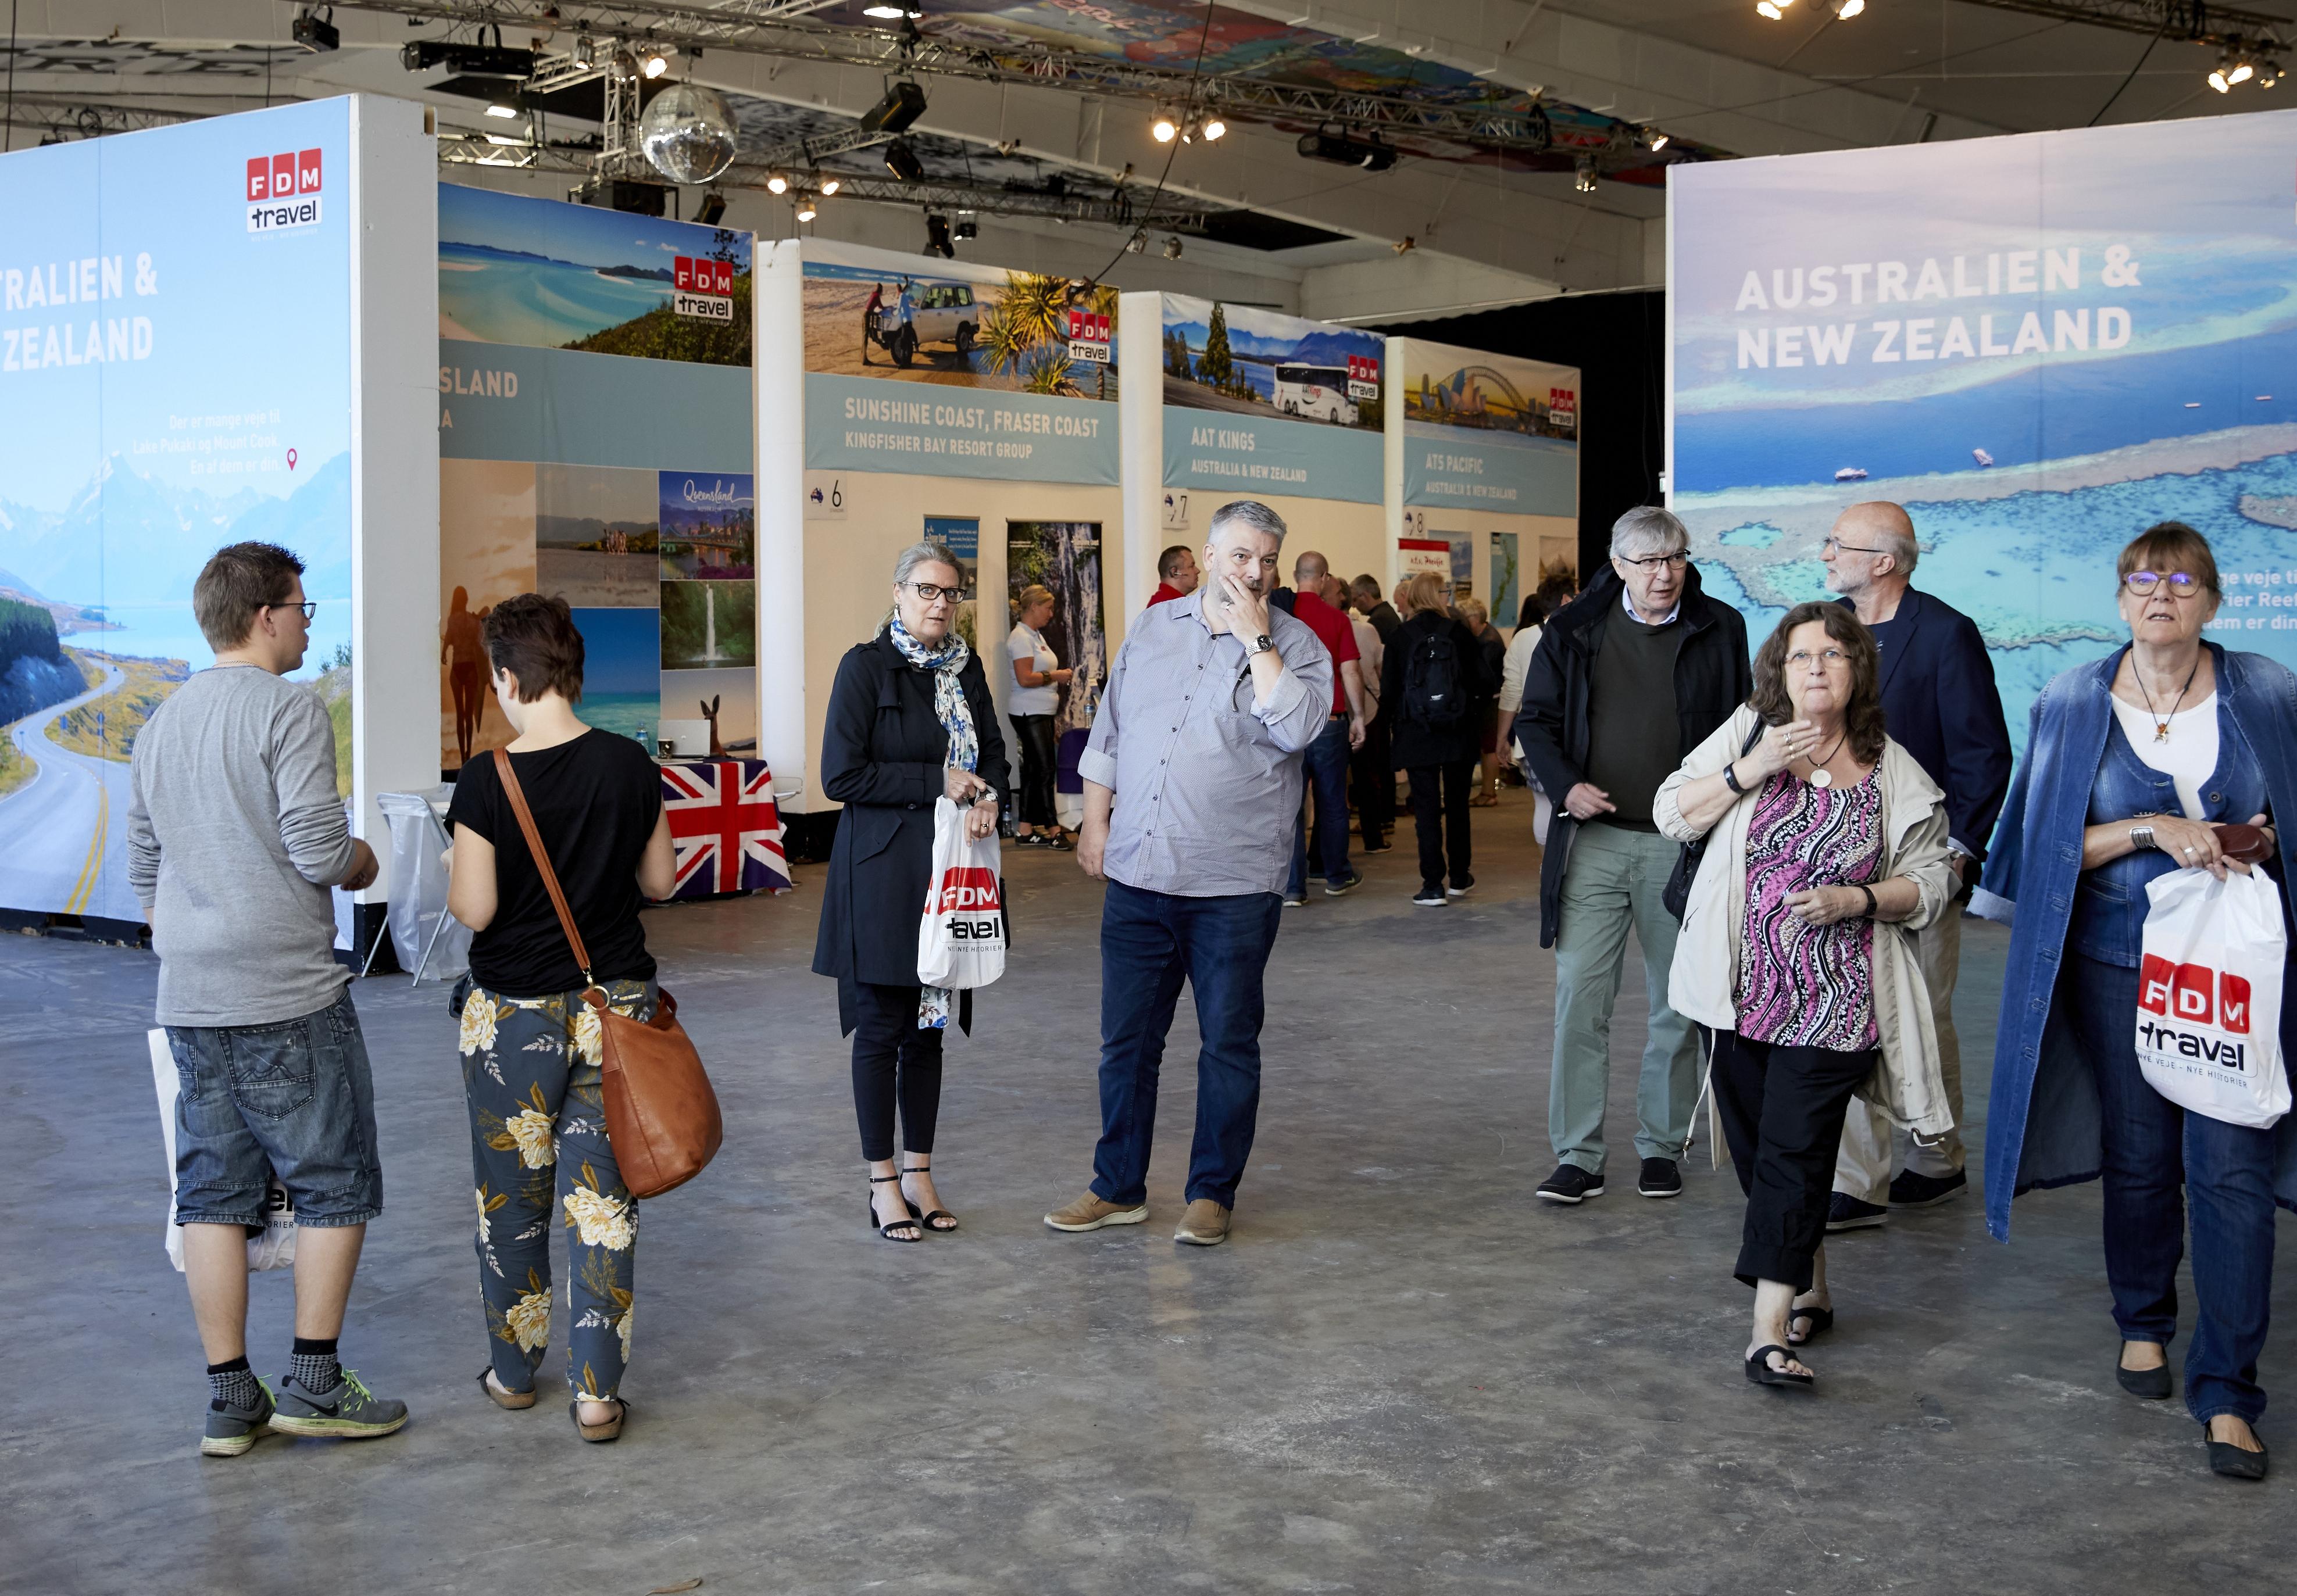 FDM Travel havde søndag i København debut for sin gratis publikumsmesse for rejser til Australien og New Zealand. Foto: FDM Travel.